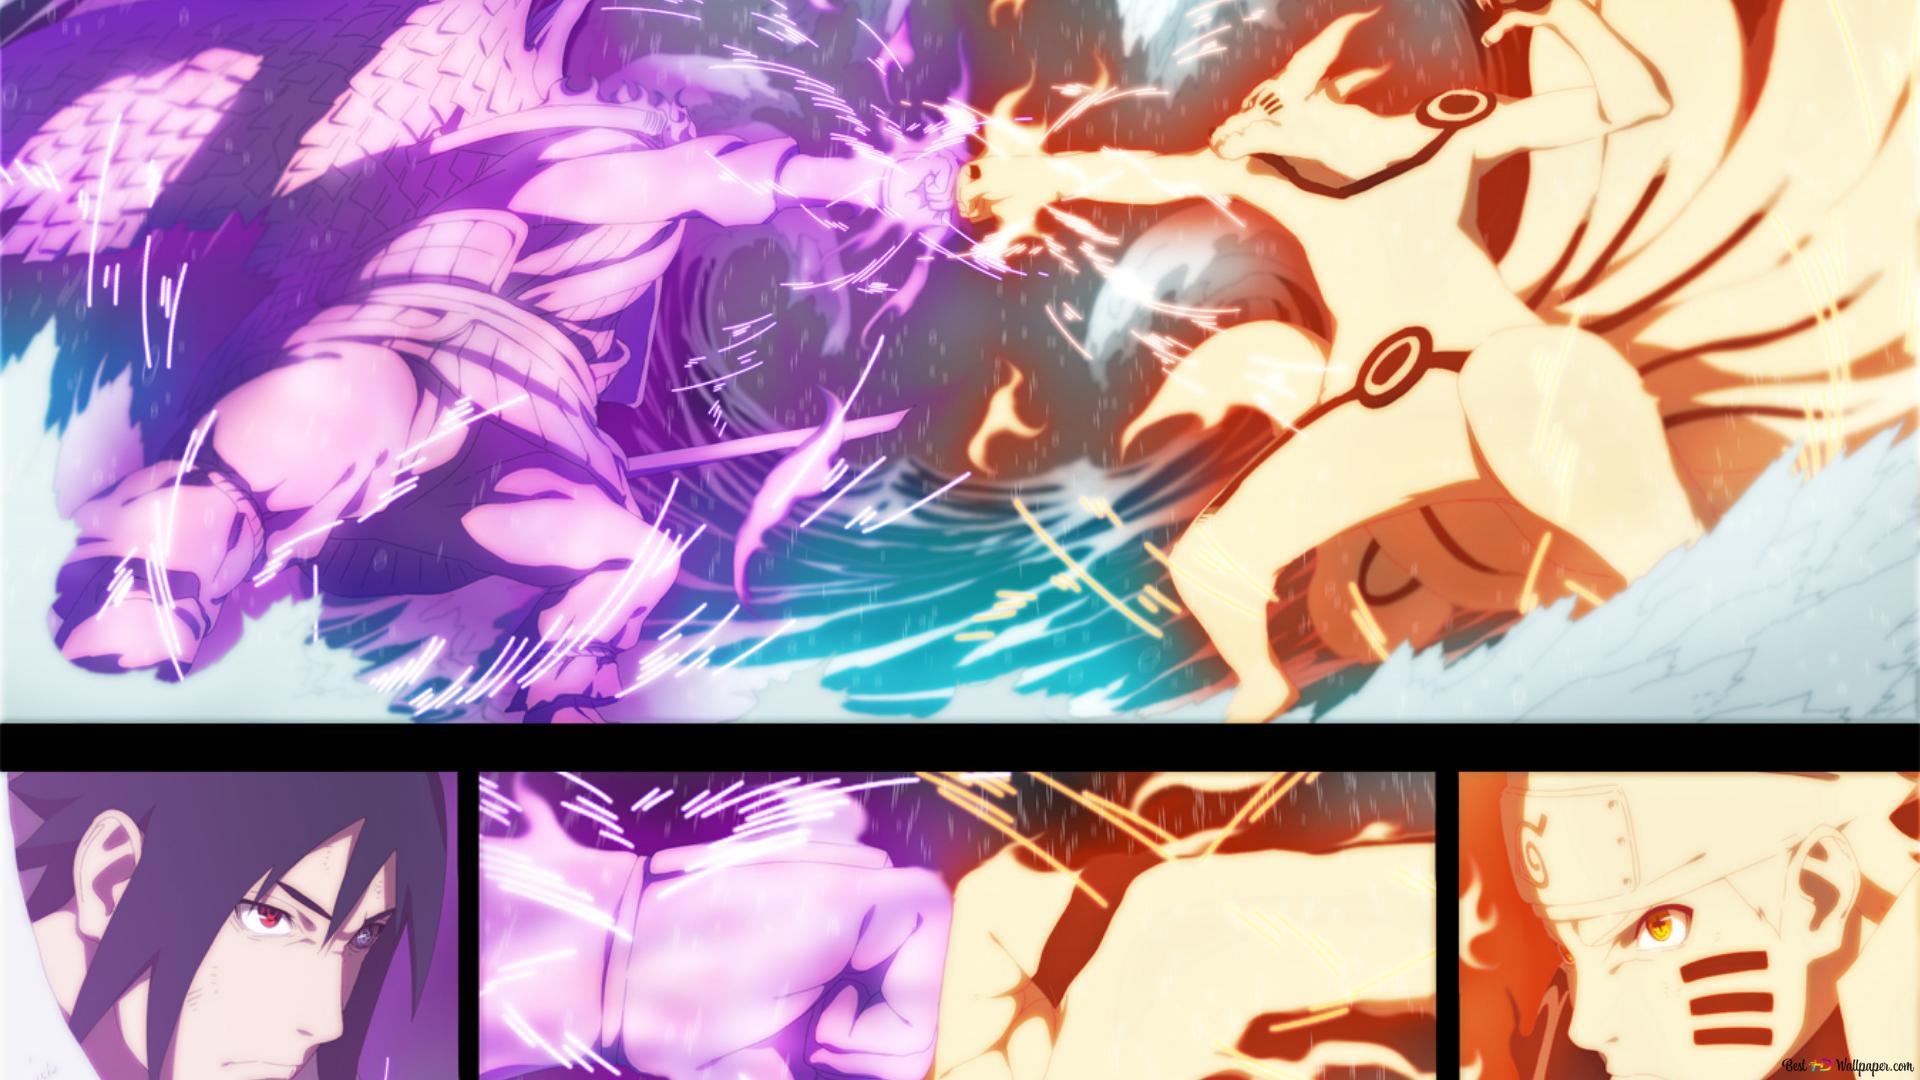 Naruto Shippuden Susanookuramasasuke Uchihanaruto